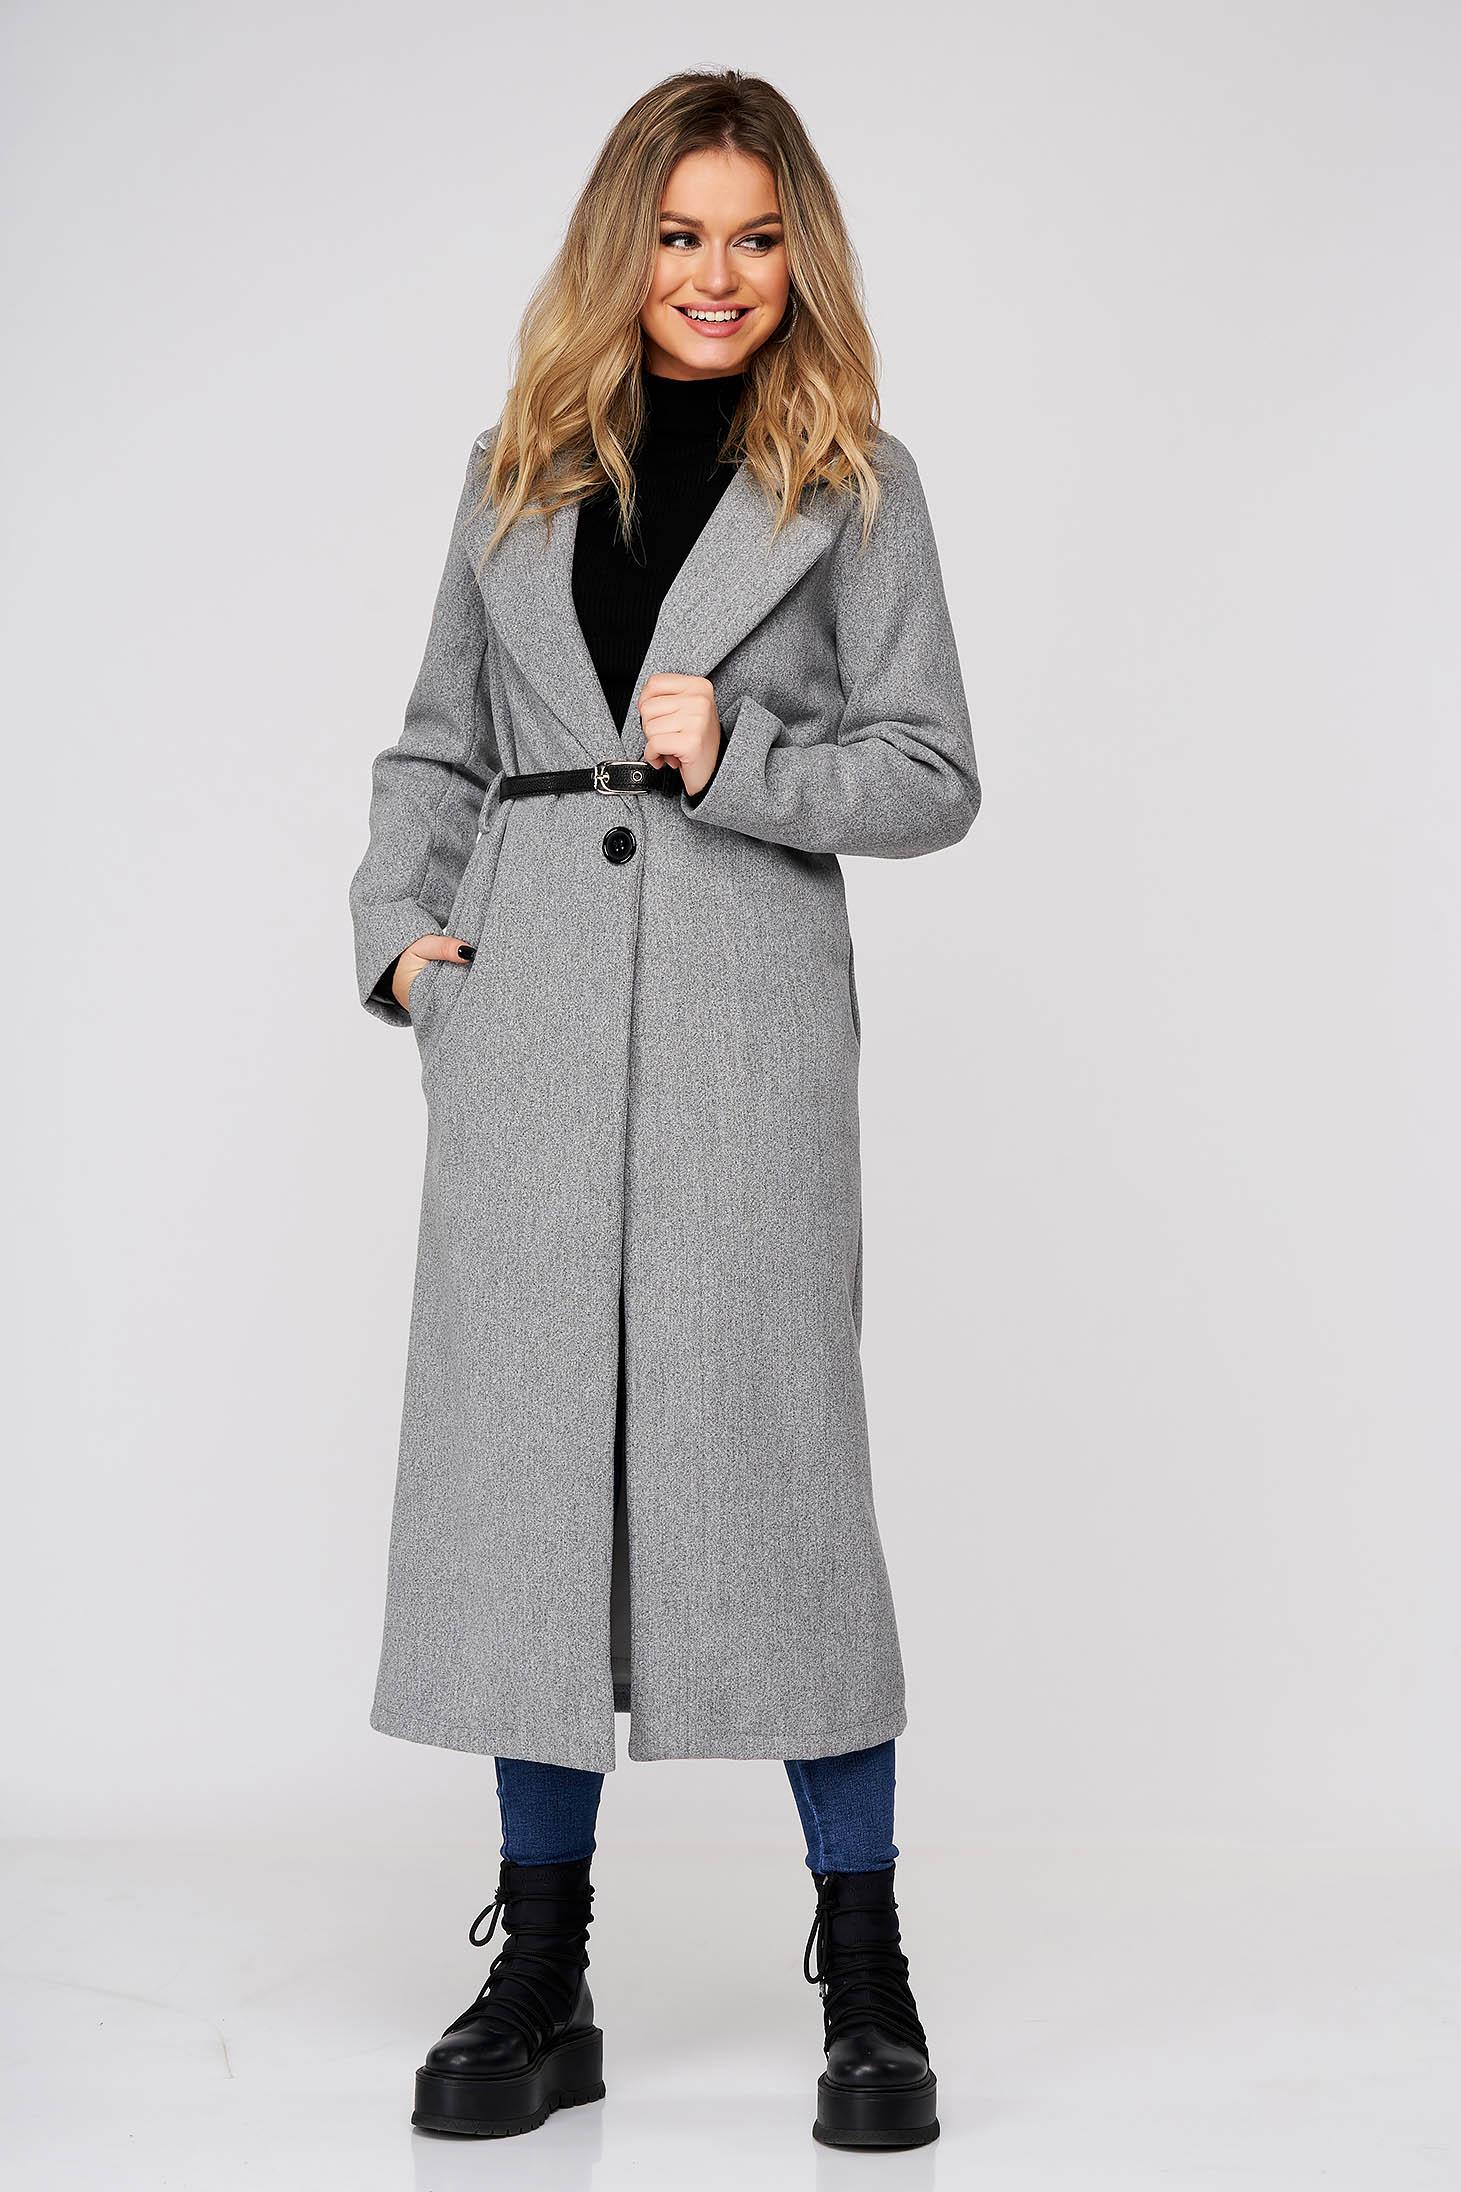 Palton SunShine din stofa gri lung cu un croi drept cu buzunare cu accesoriu tip curea